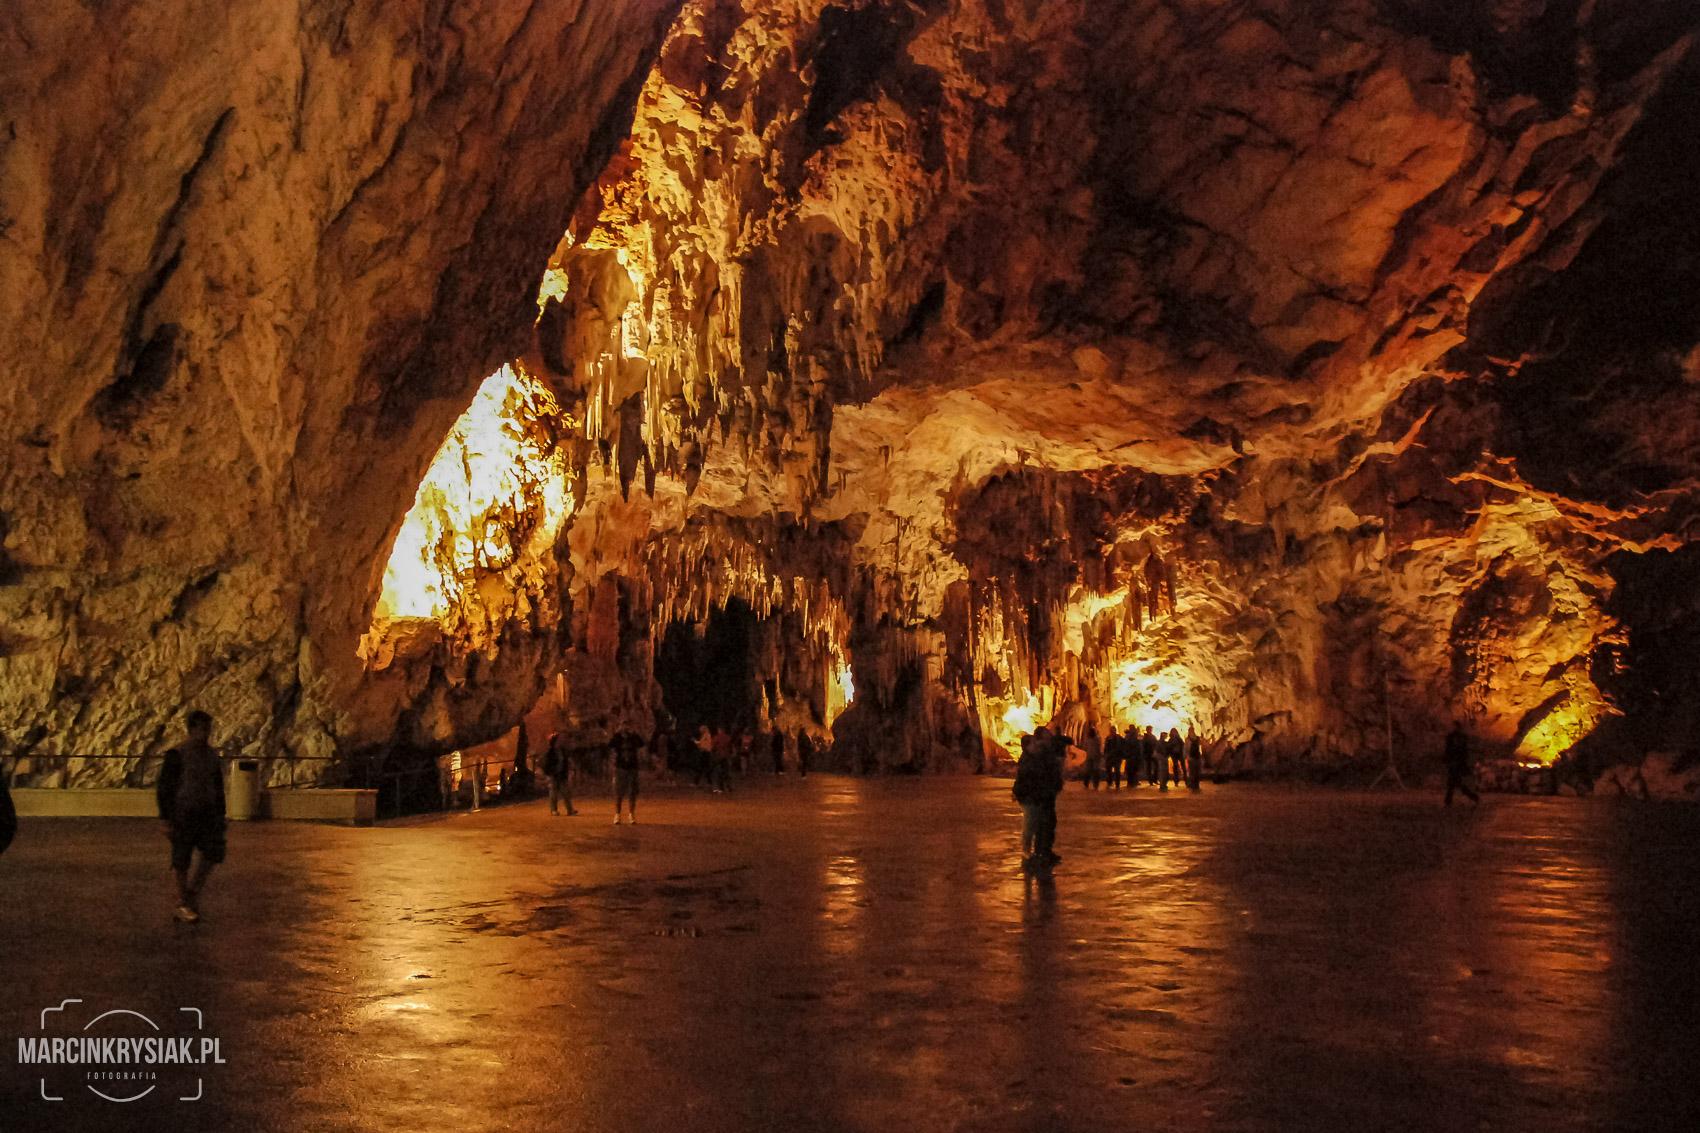 jaskinia, Postojna, Jama, Słowenia